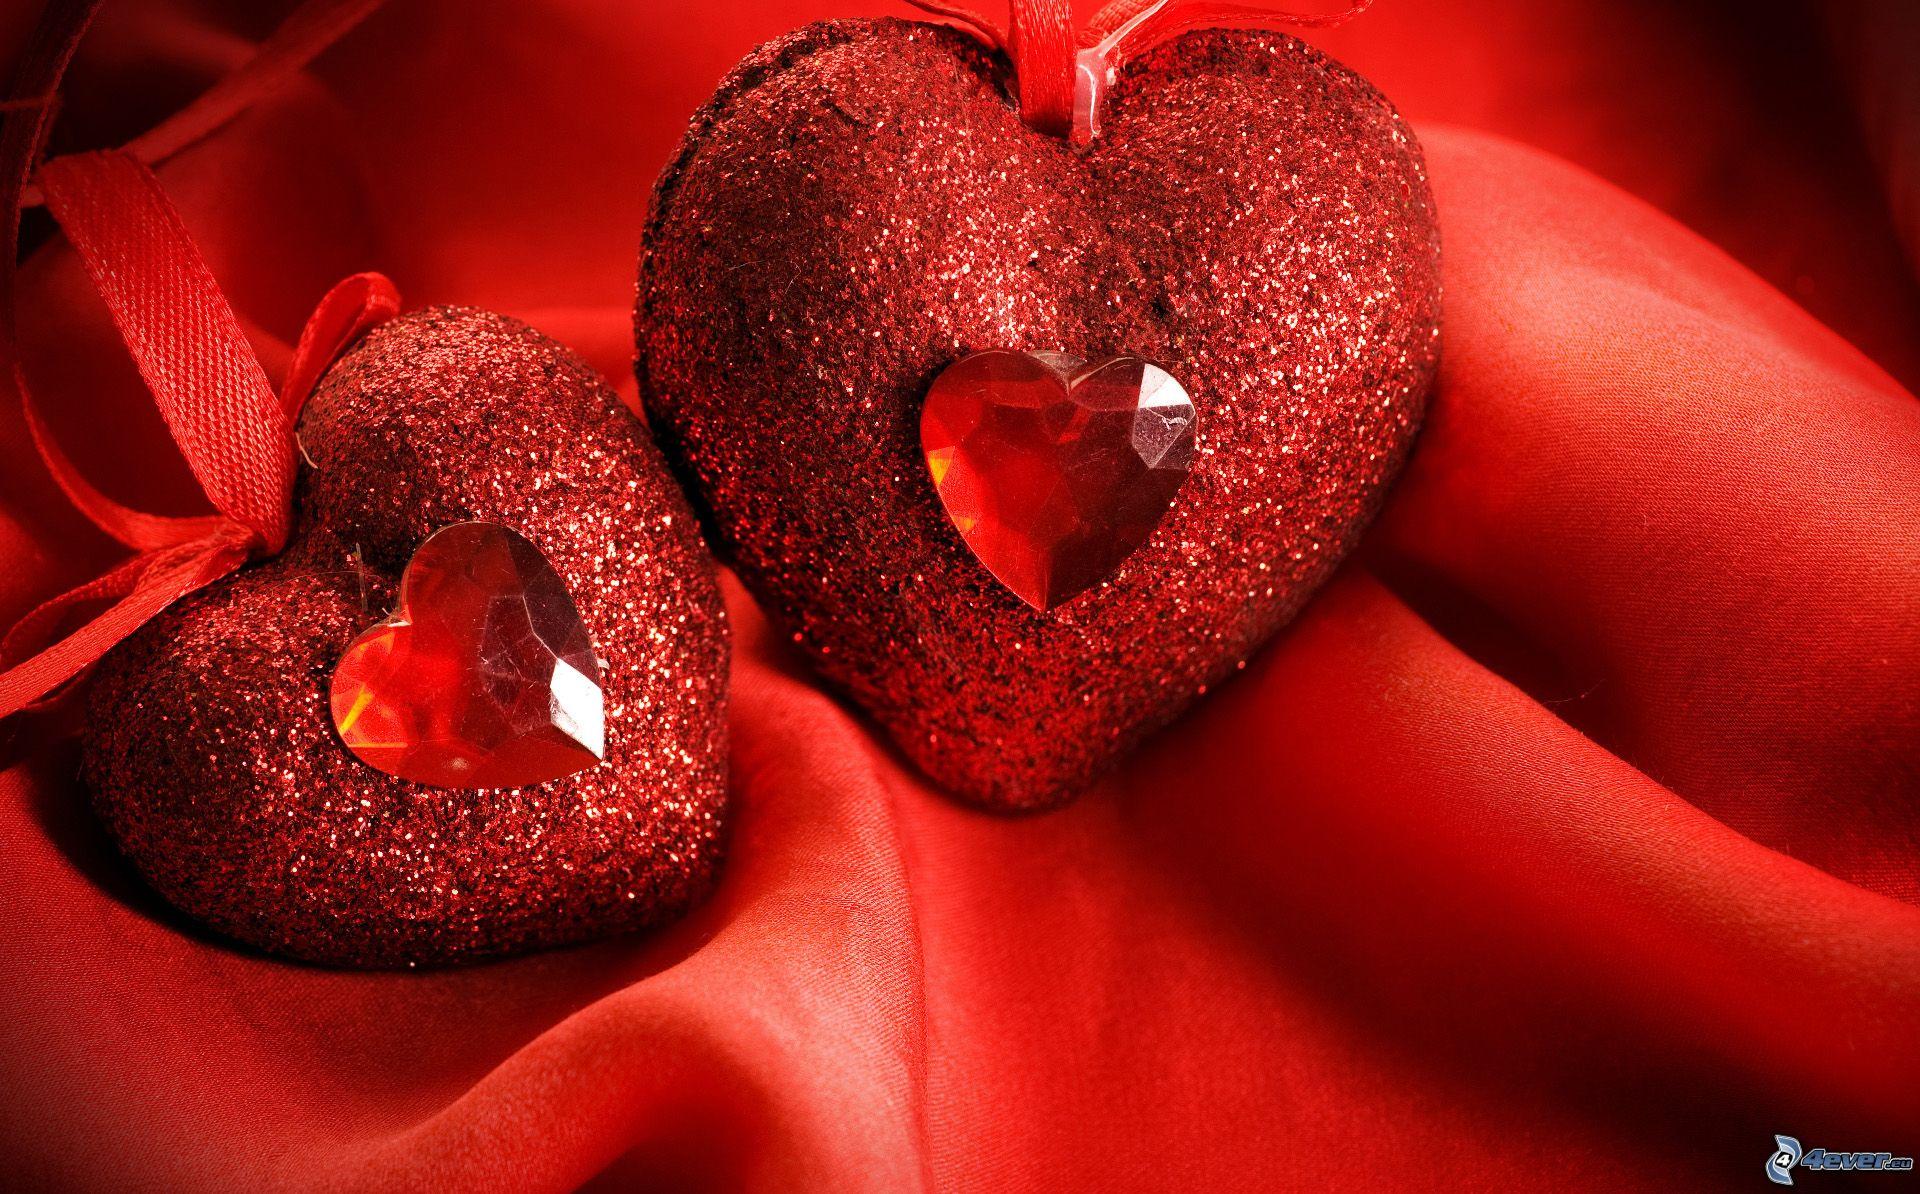 coeurs-rouges,-soie,-le-fond-rouge-216157